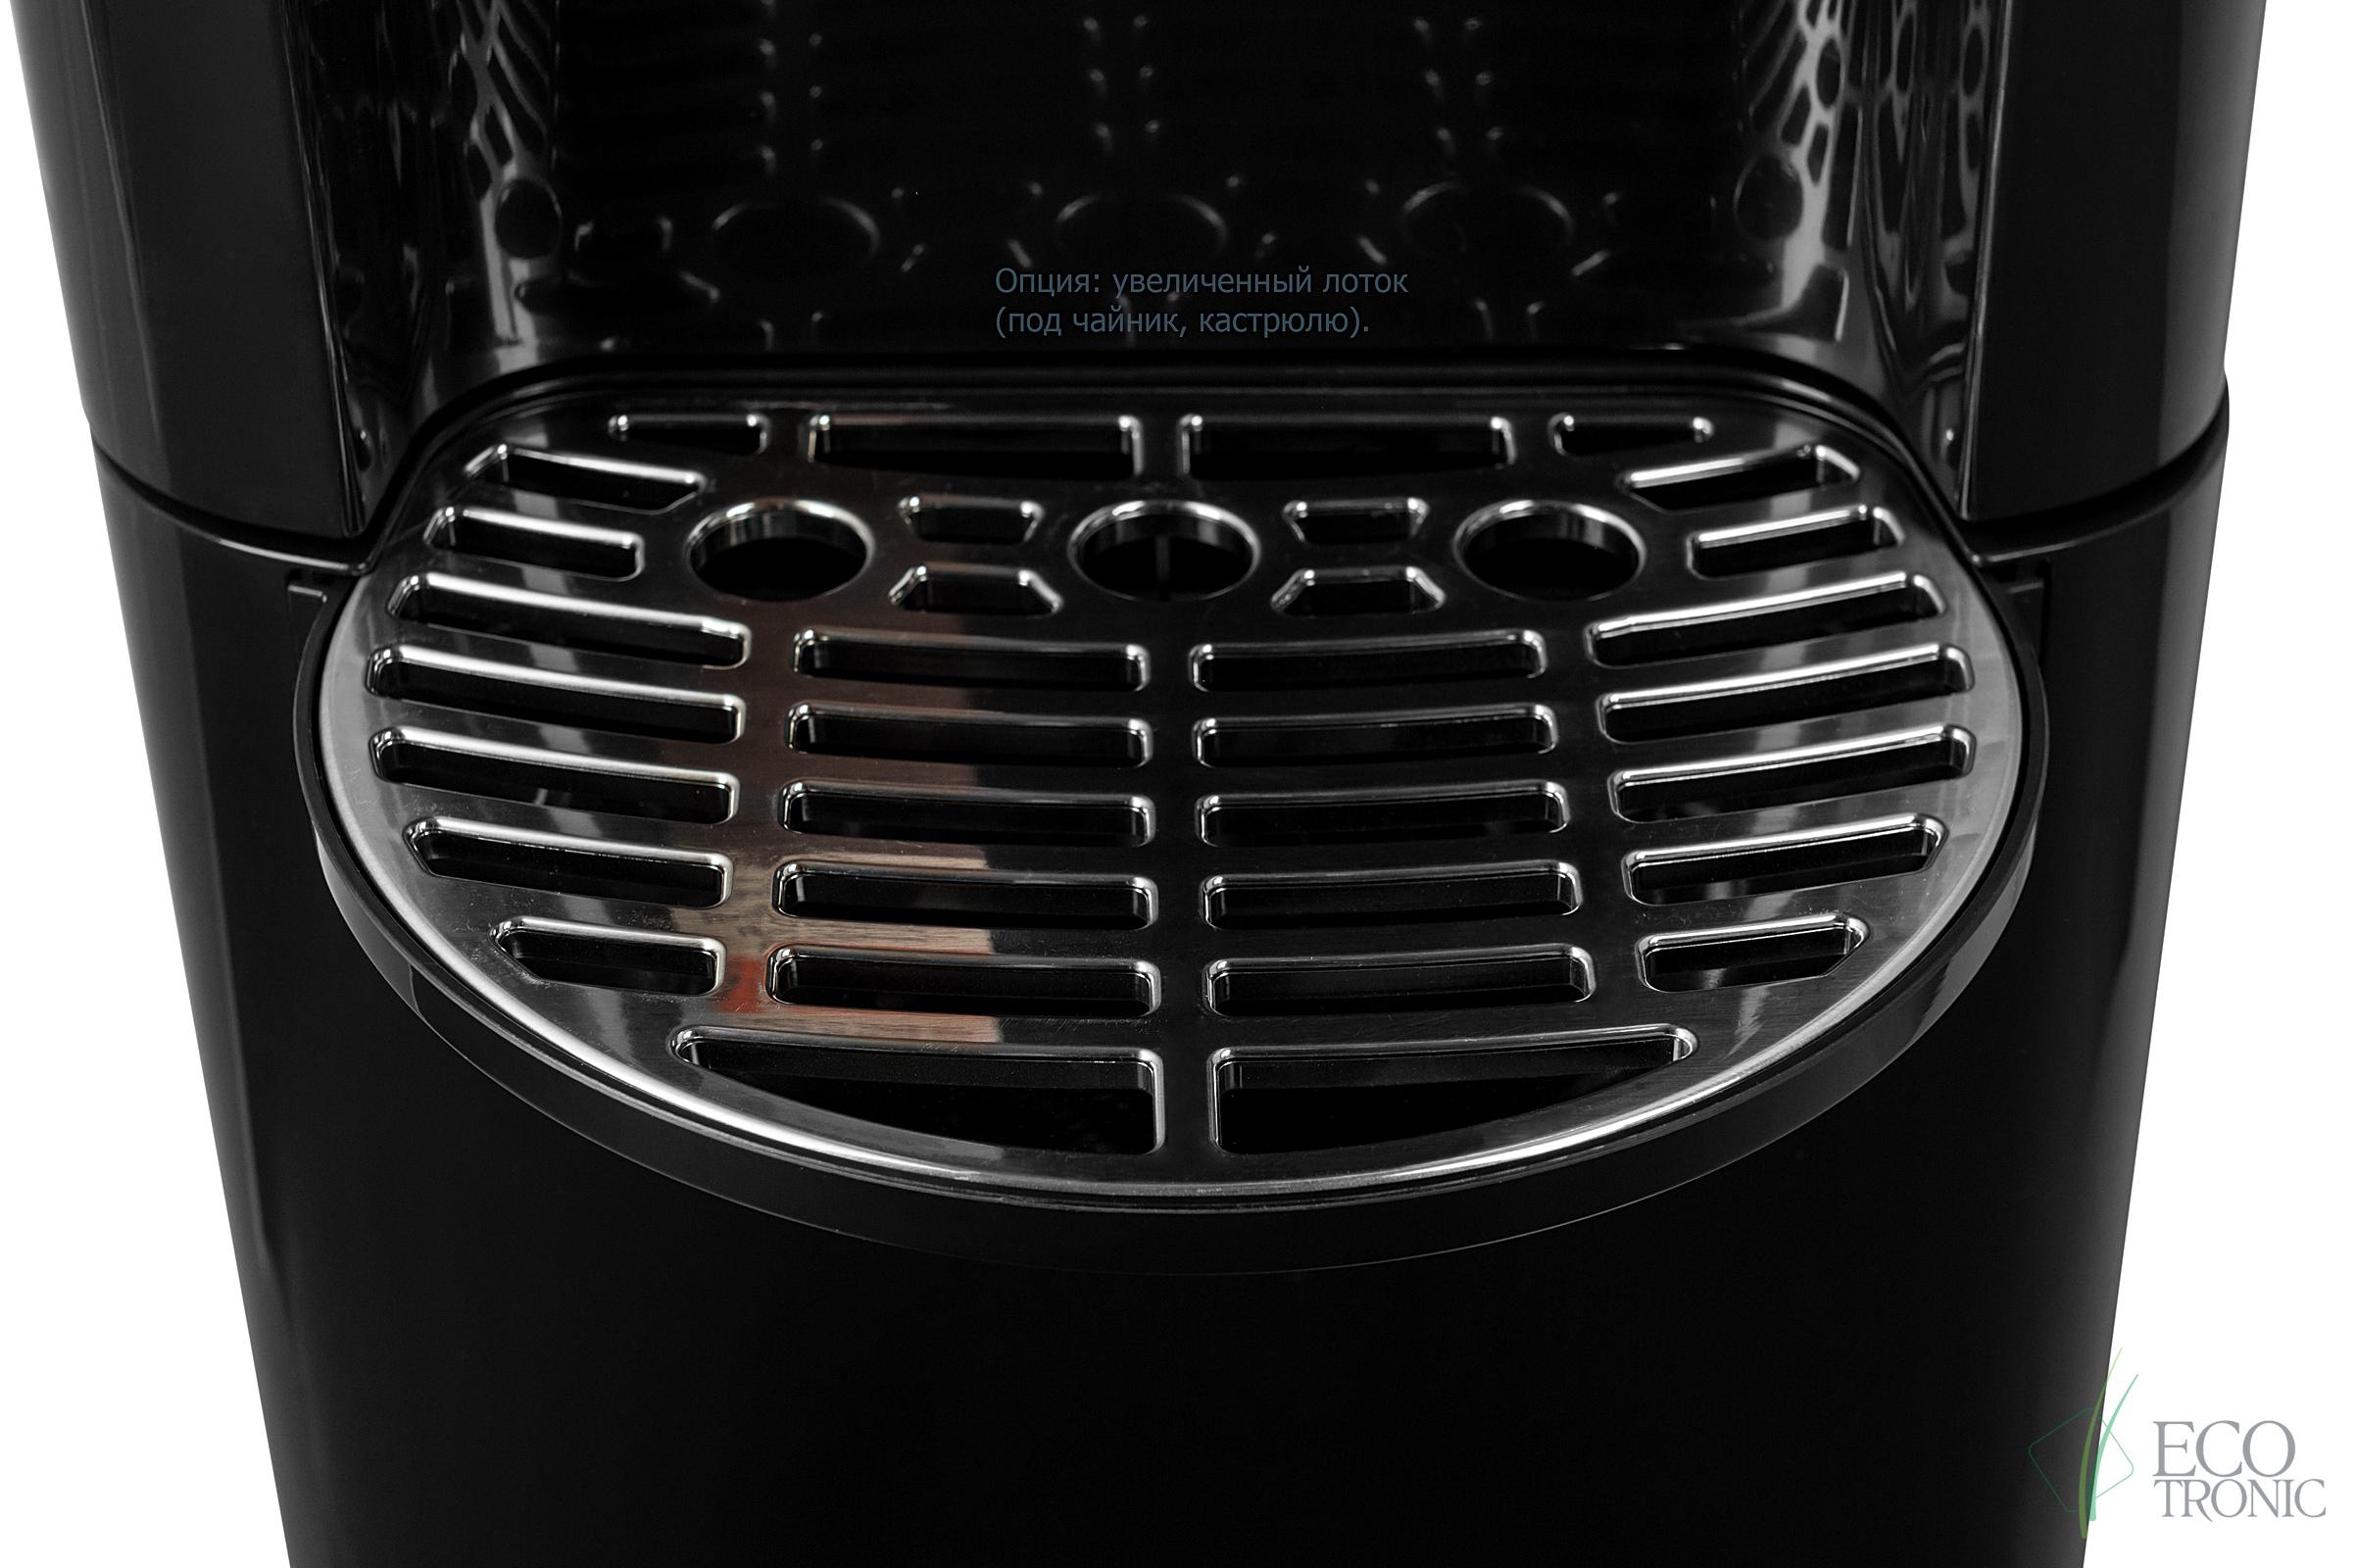 Кулер Ecotronic C8-LX black с нижней загрузкой бутыли